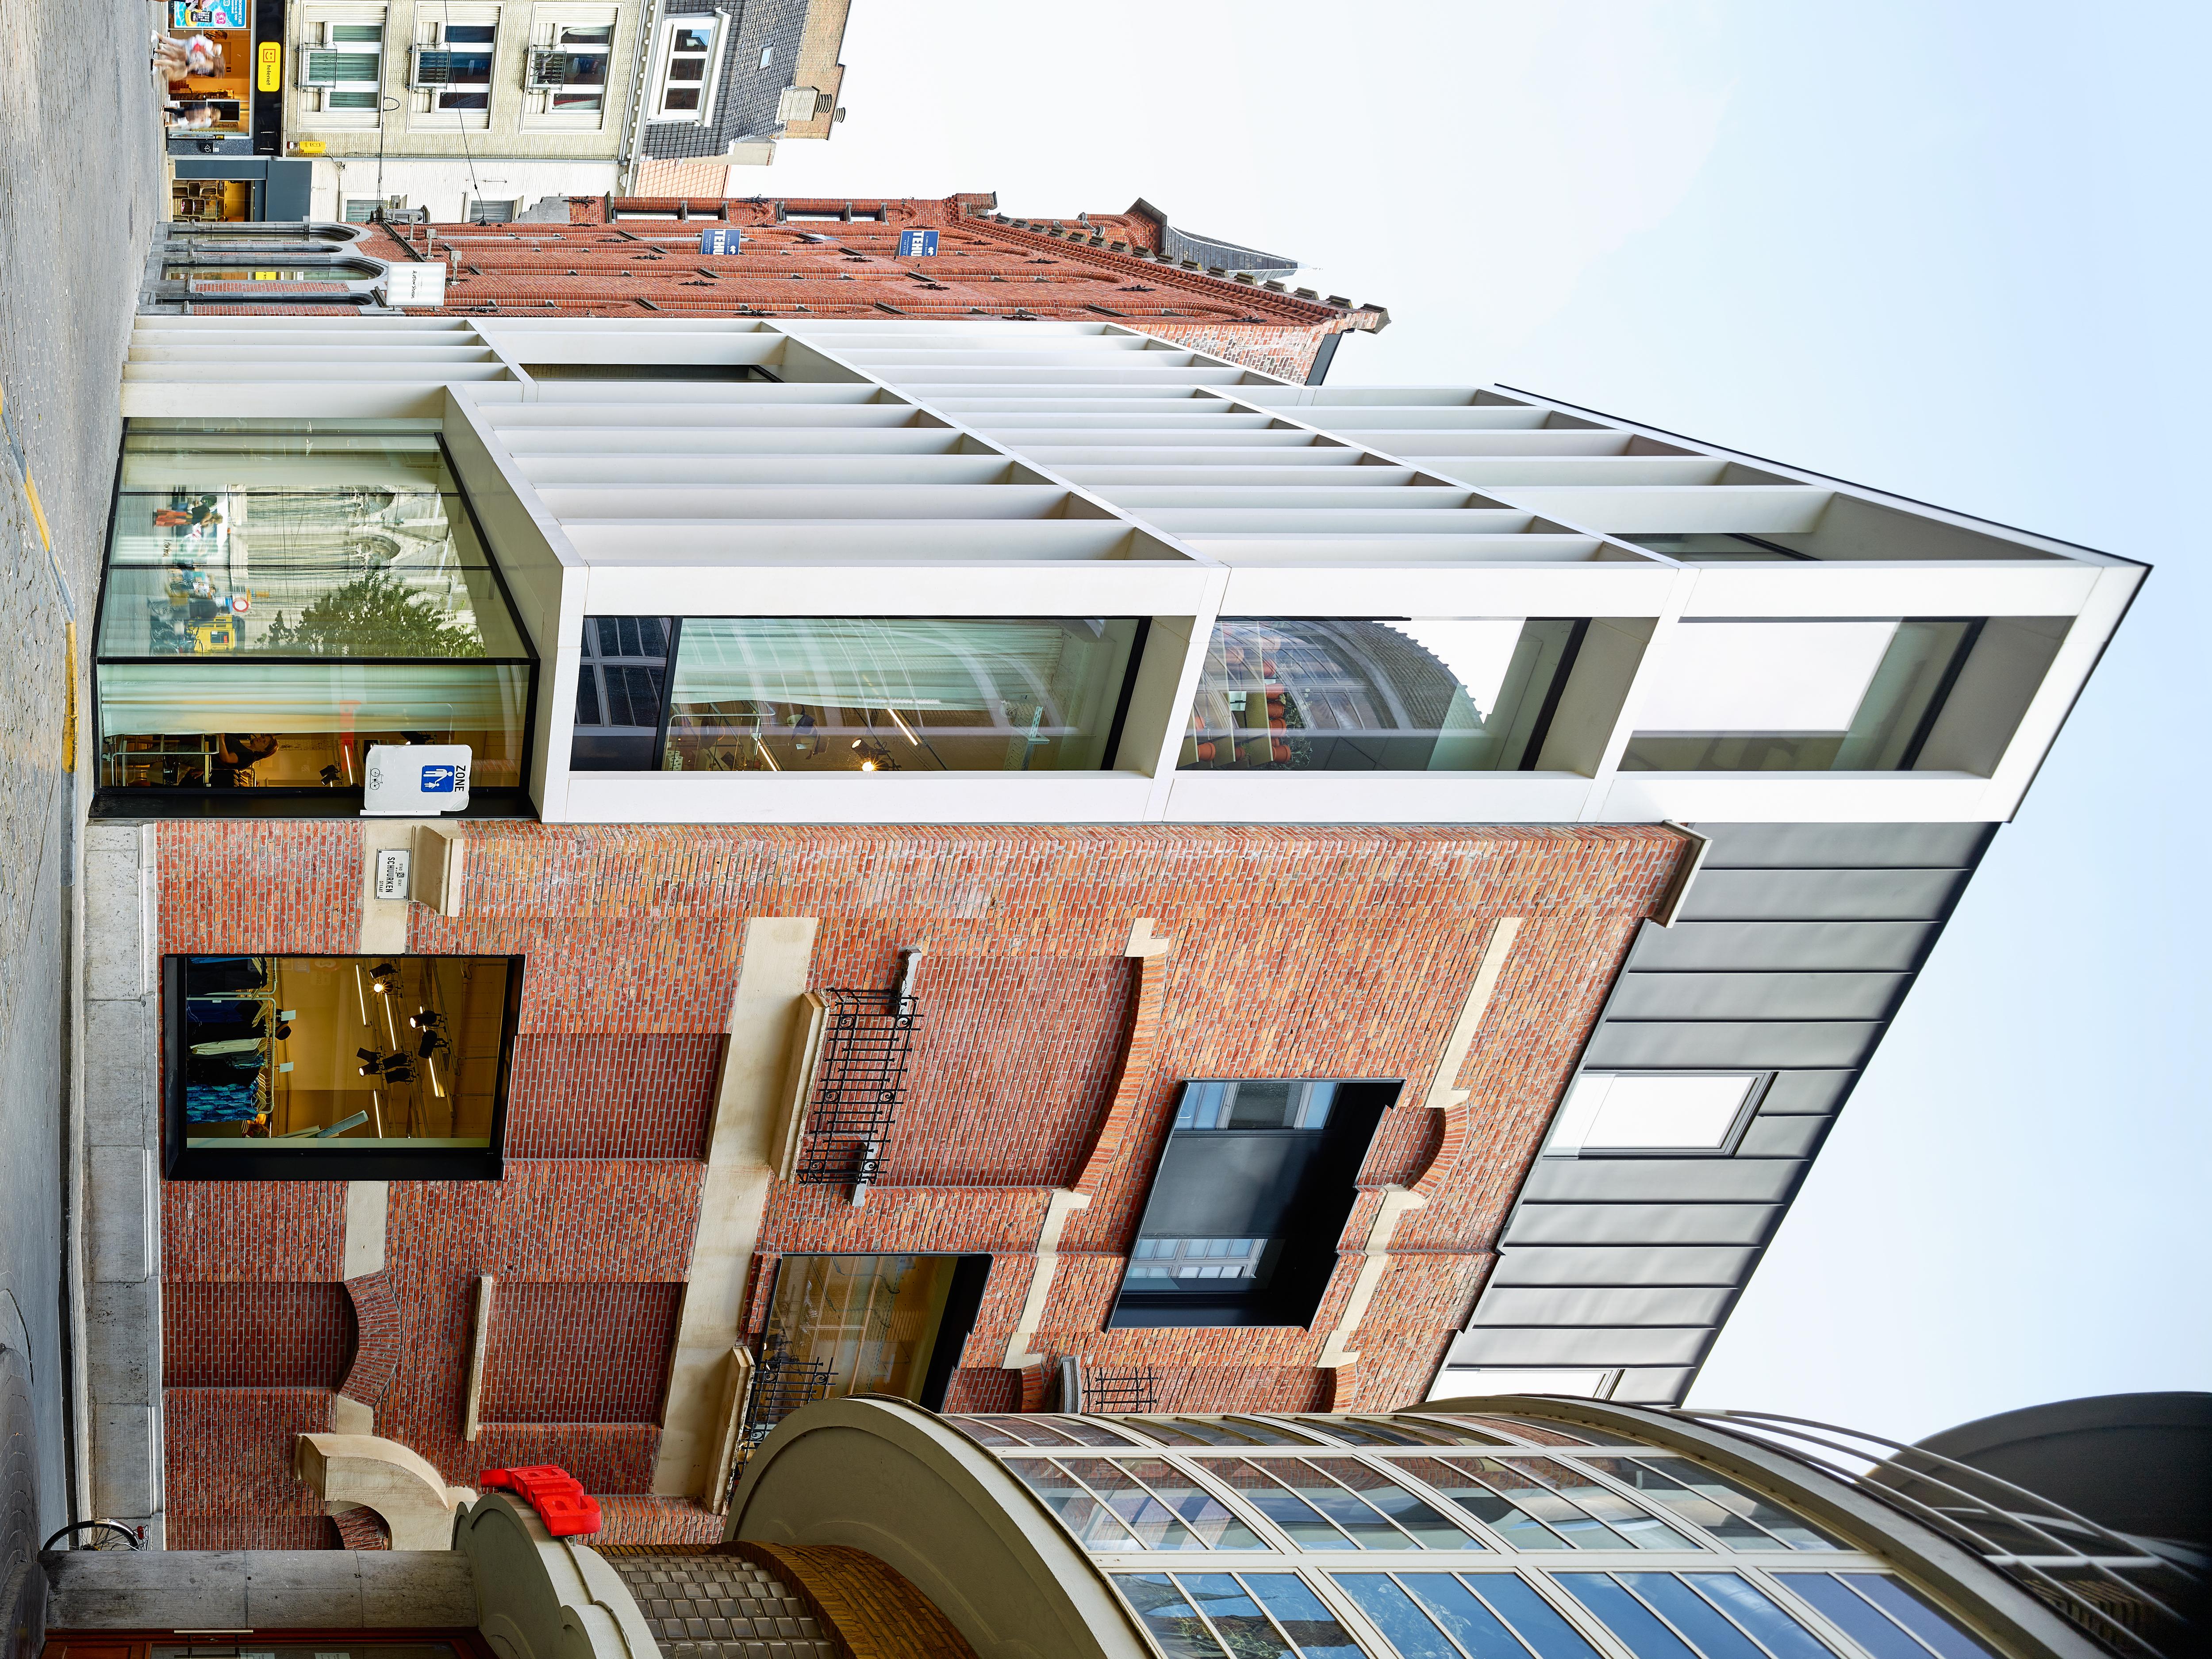 Interieur Verbouwing Hoekpand : Arc verbouwing historisch pand in gent u abscis architecten